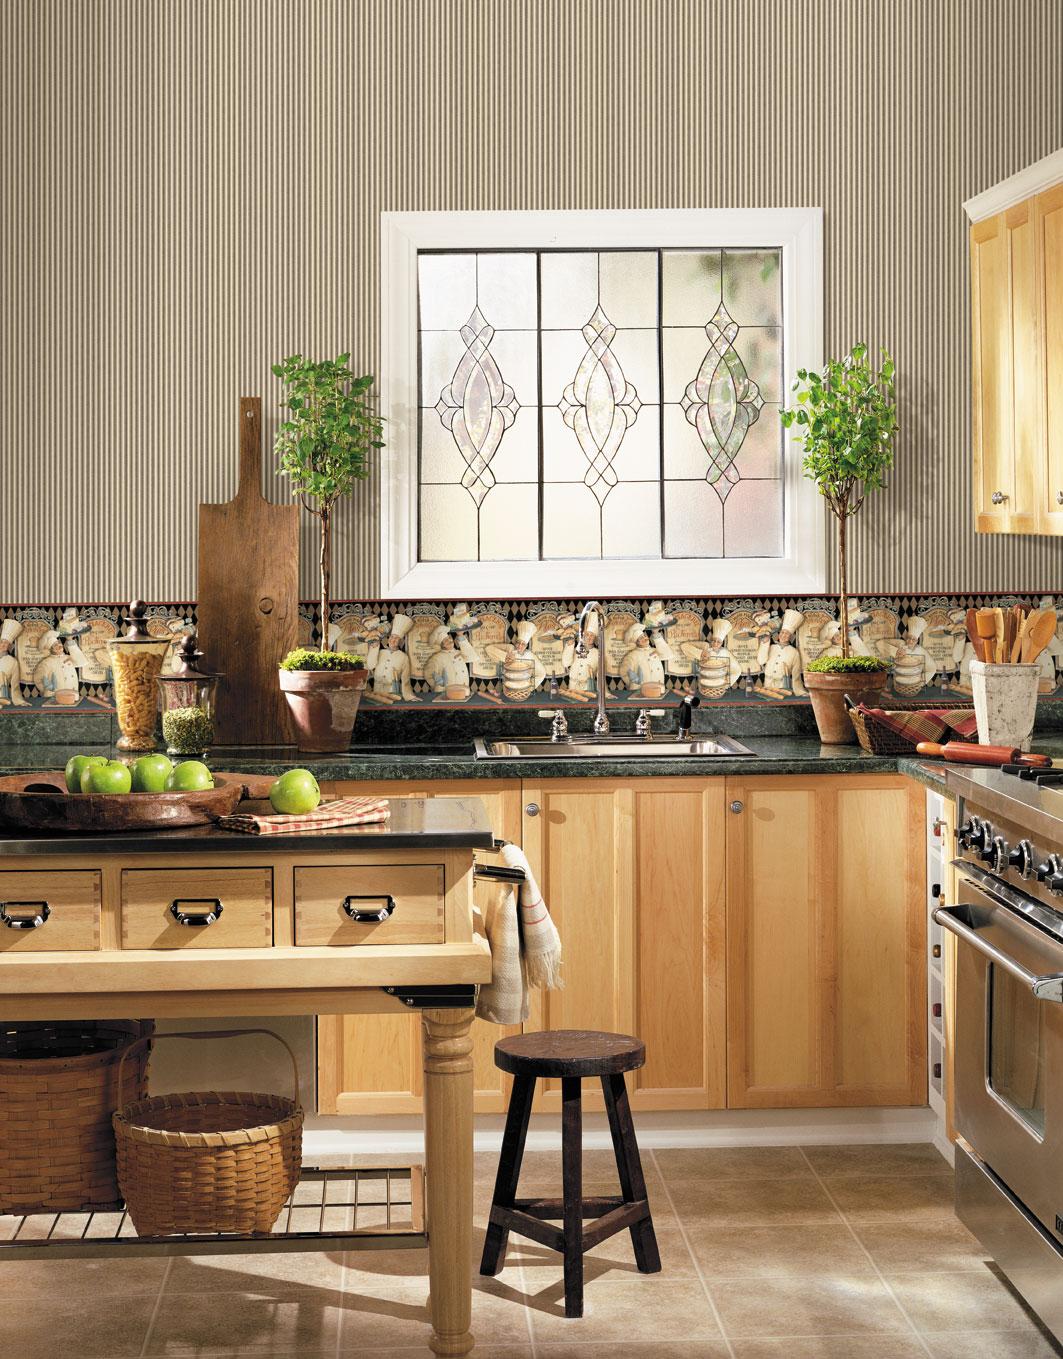 papier peint de cuisine papier peint pour cuisine une touche de joie dans luintrieur idee. Black Bedroom Furniture Sets. Home Design Ideas